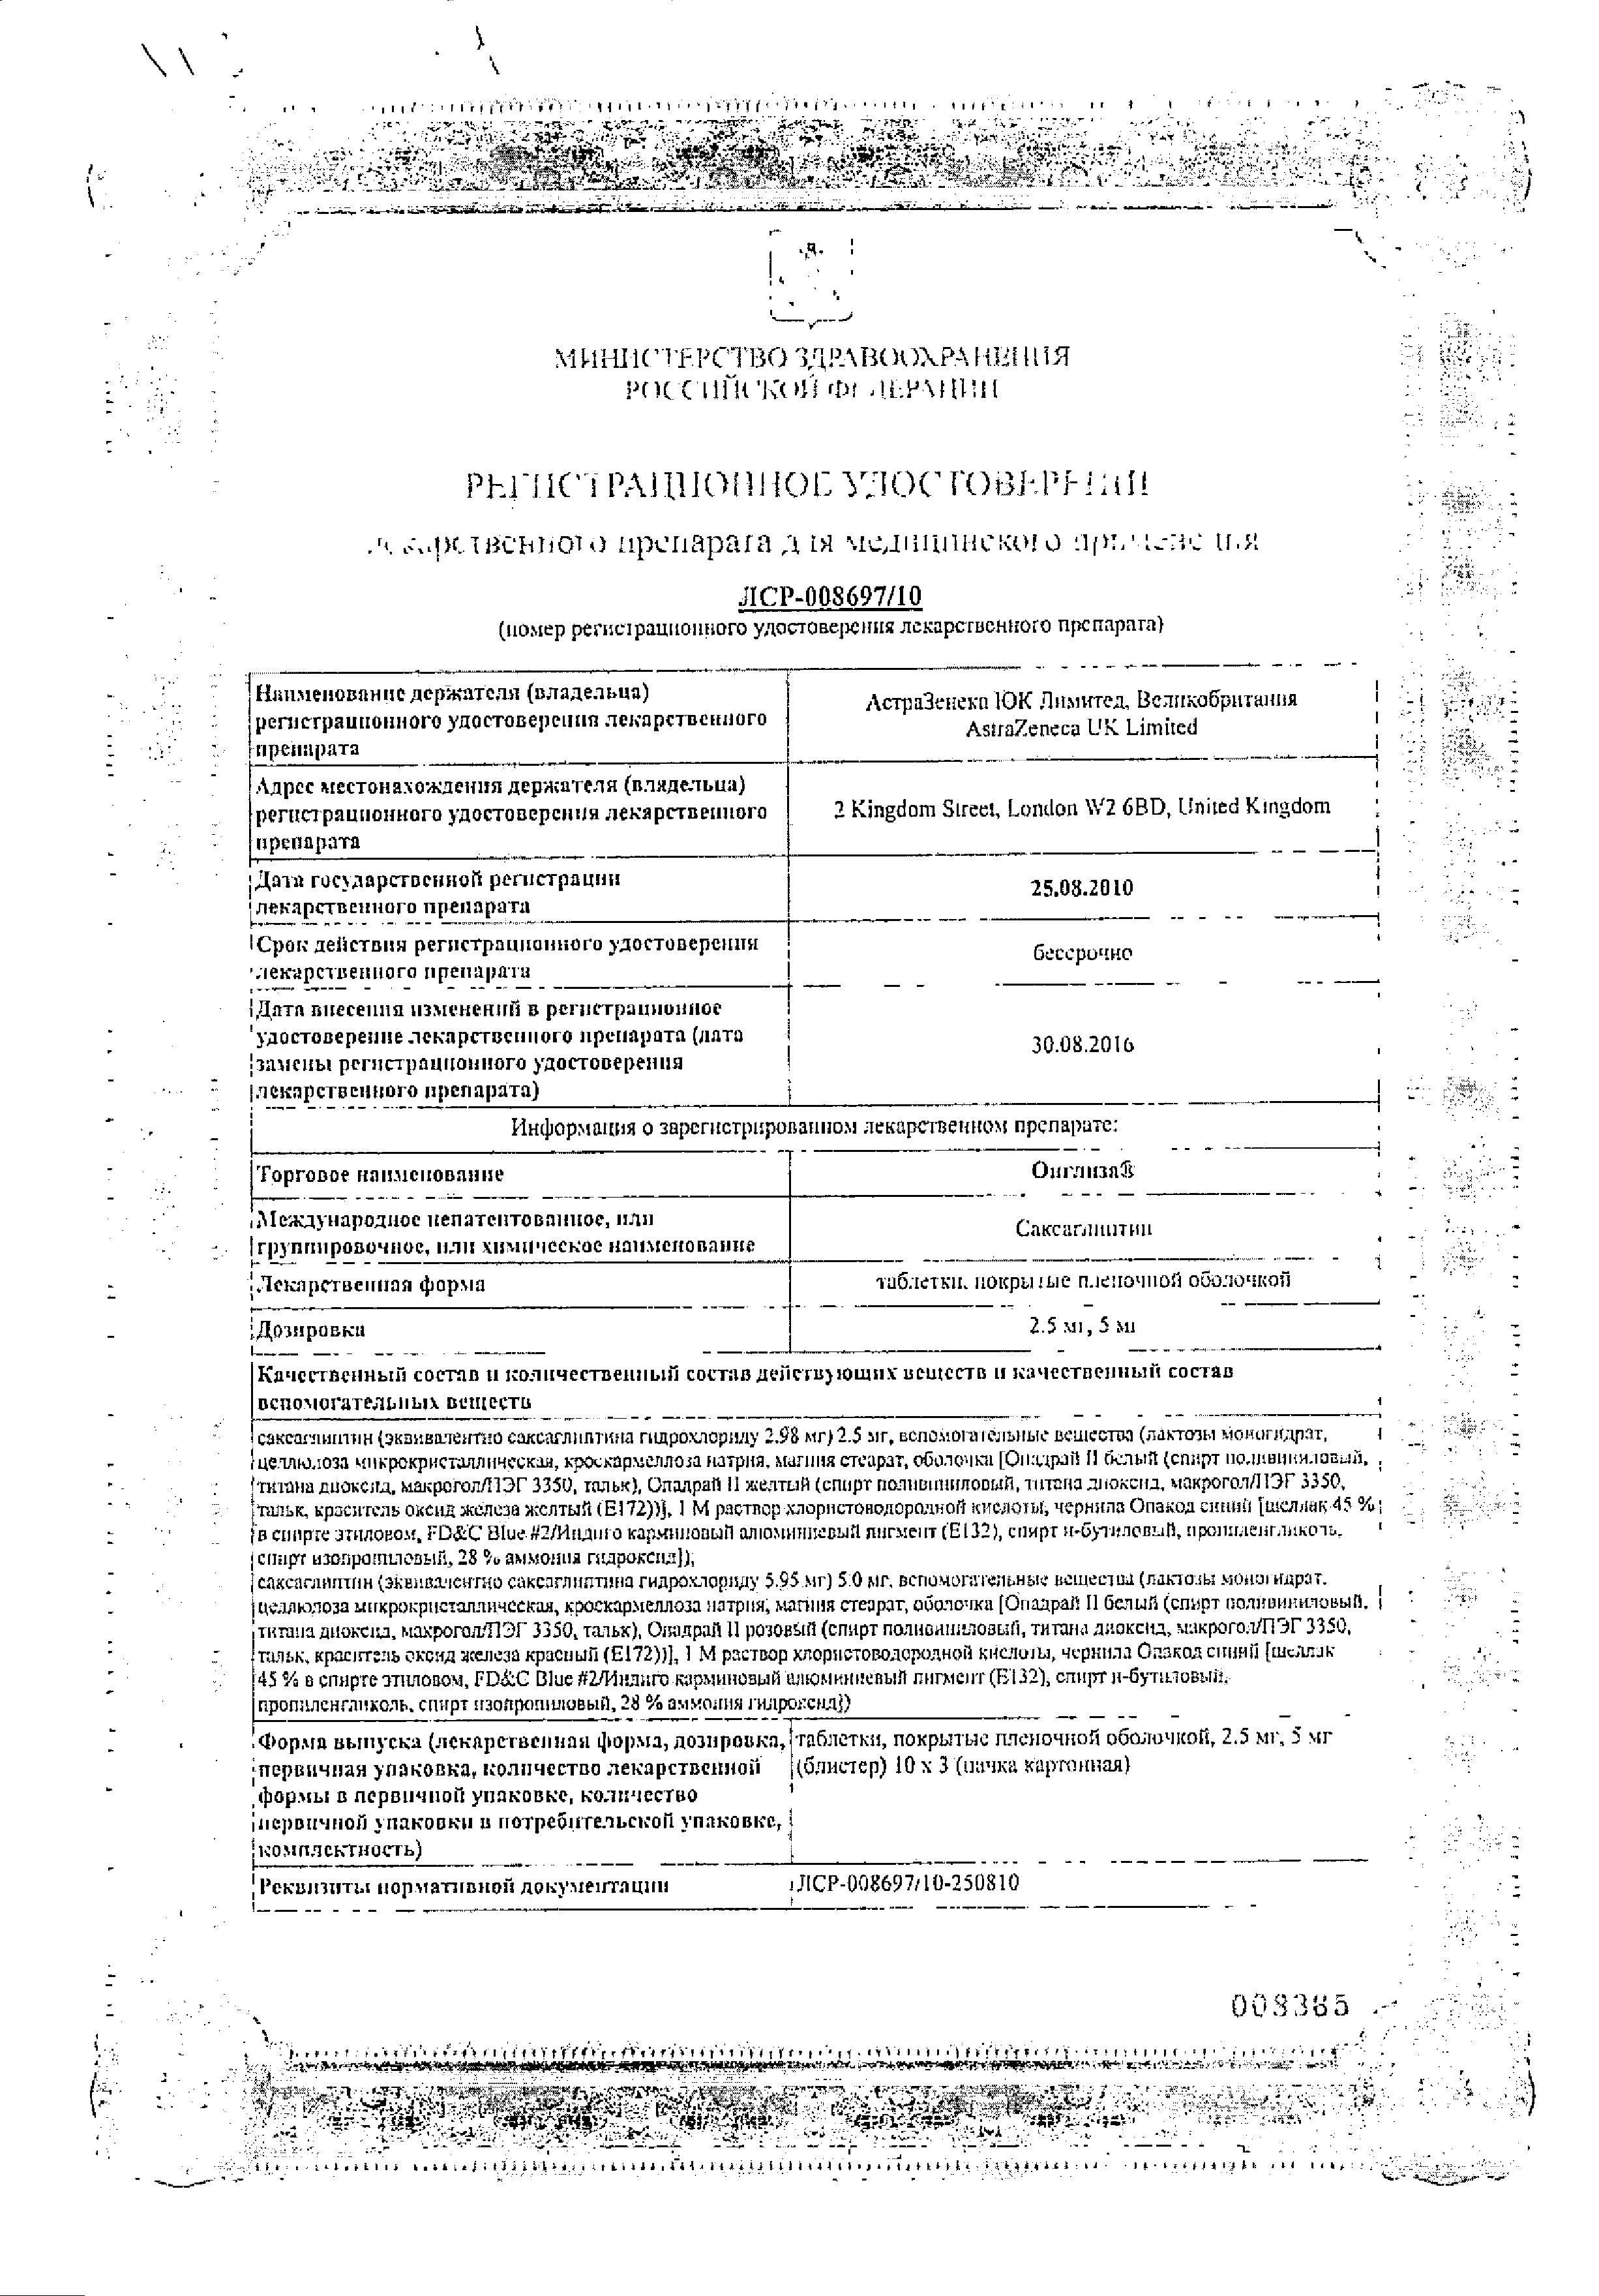 Онглиза сертификат